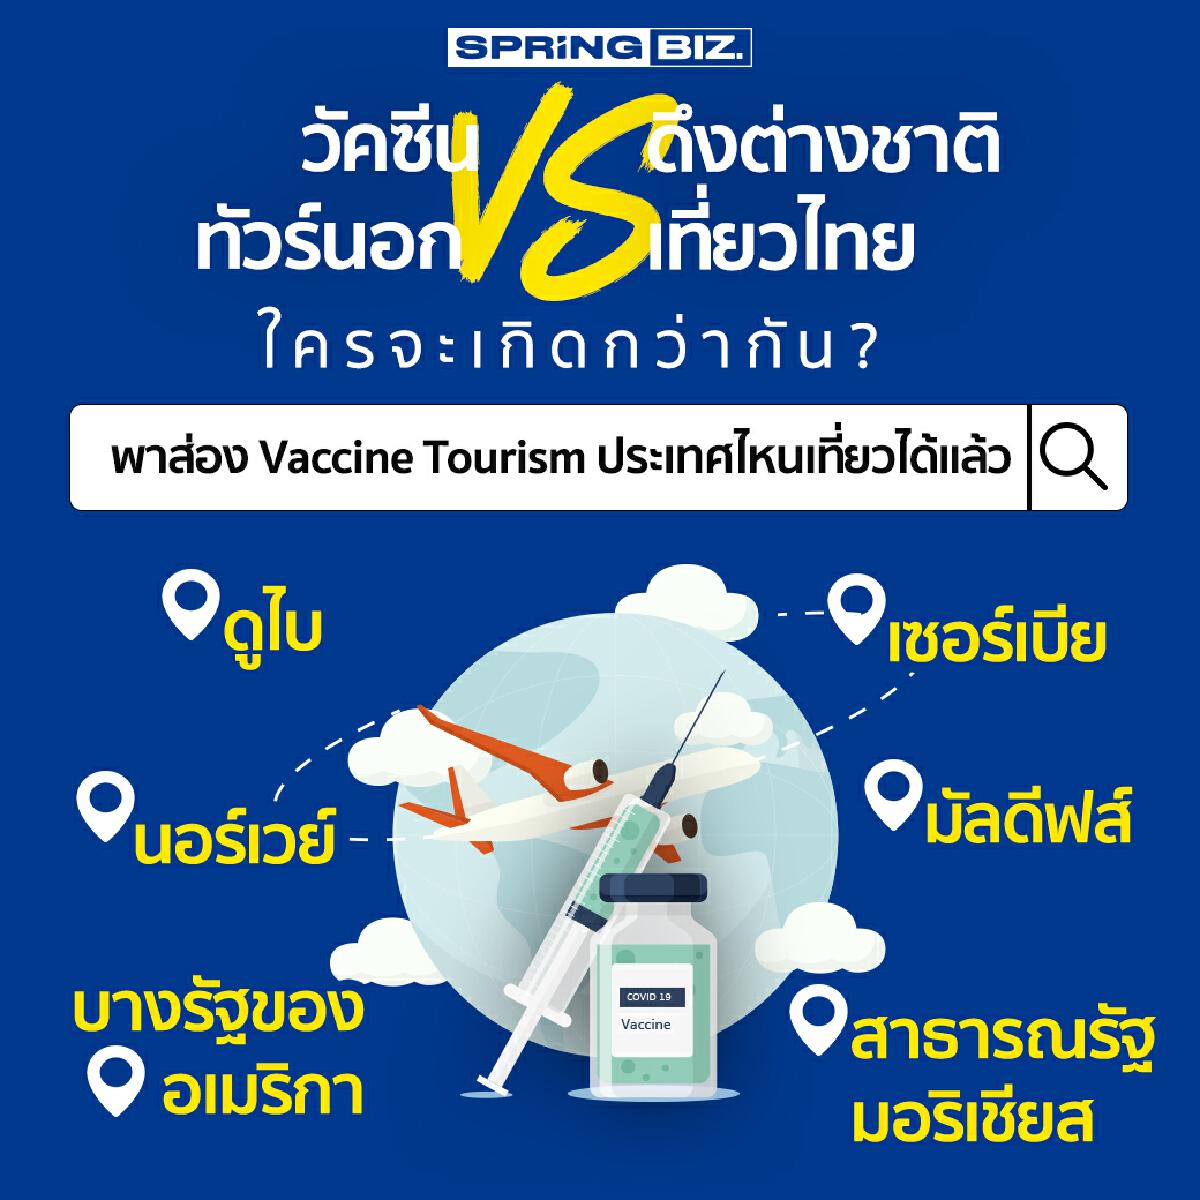 วัคซีนทัวร์นอก VS ดึงต่างชาติเที่ยวไทย ใครจะเกิดกว่ากัน ?